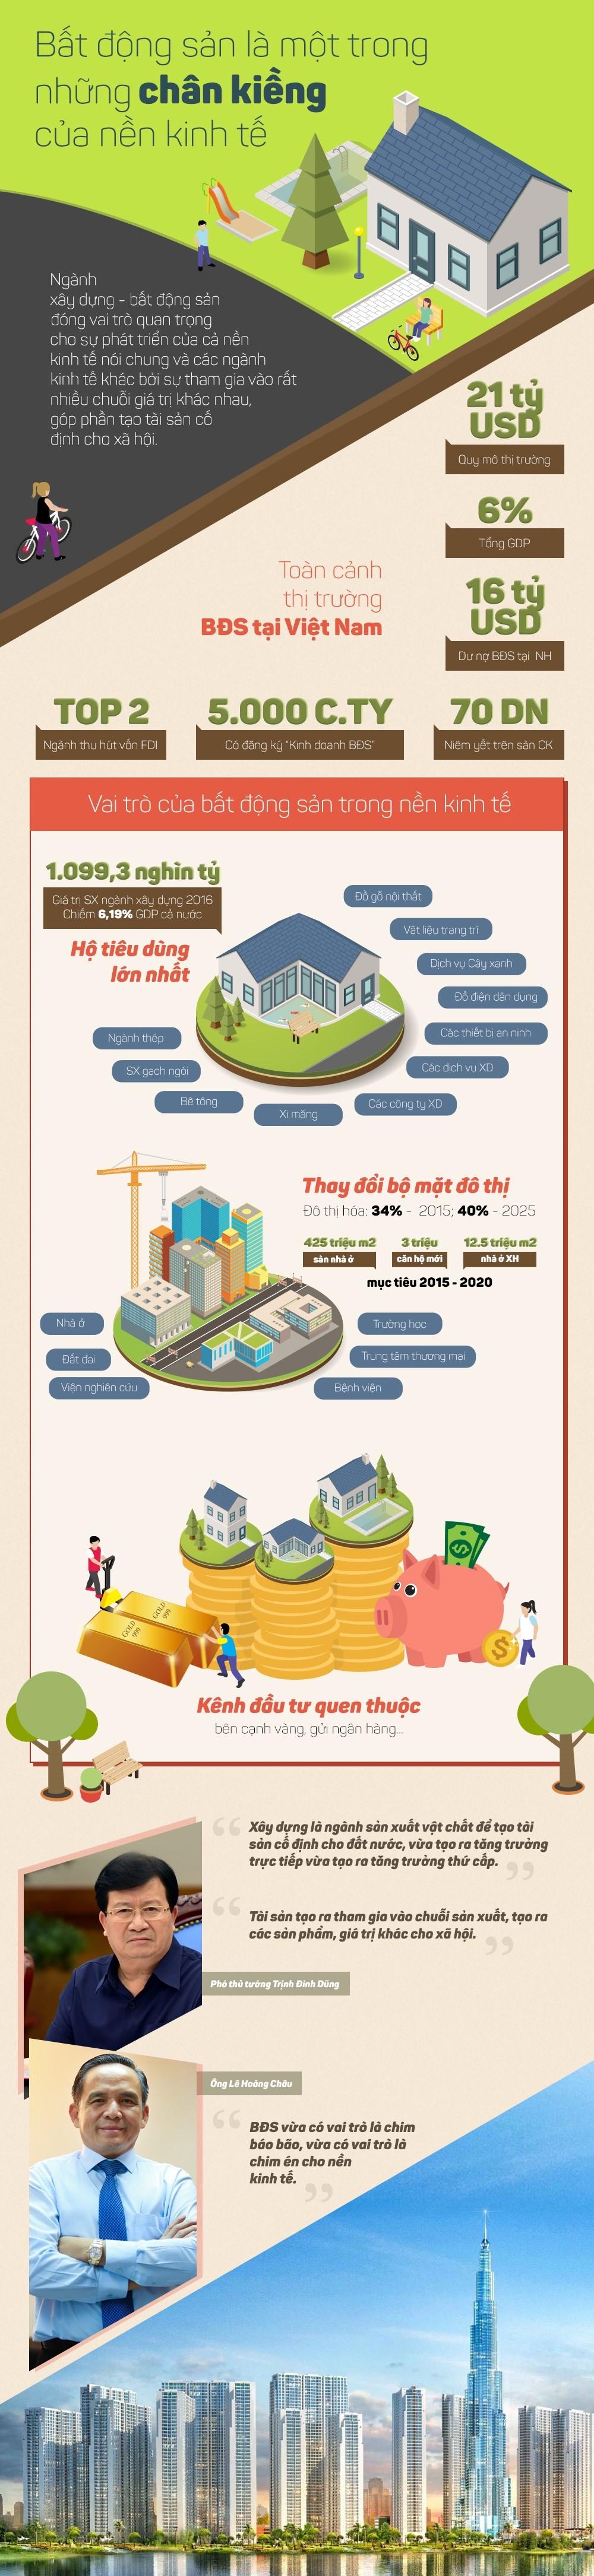 chung cư goldmarkcity